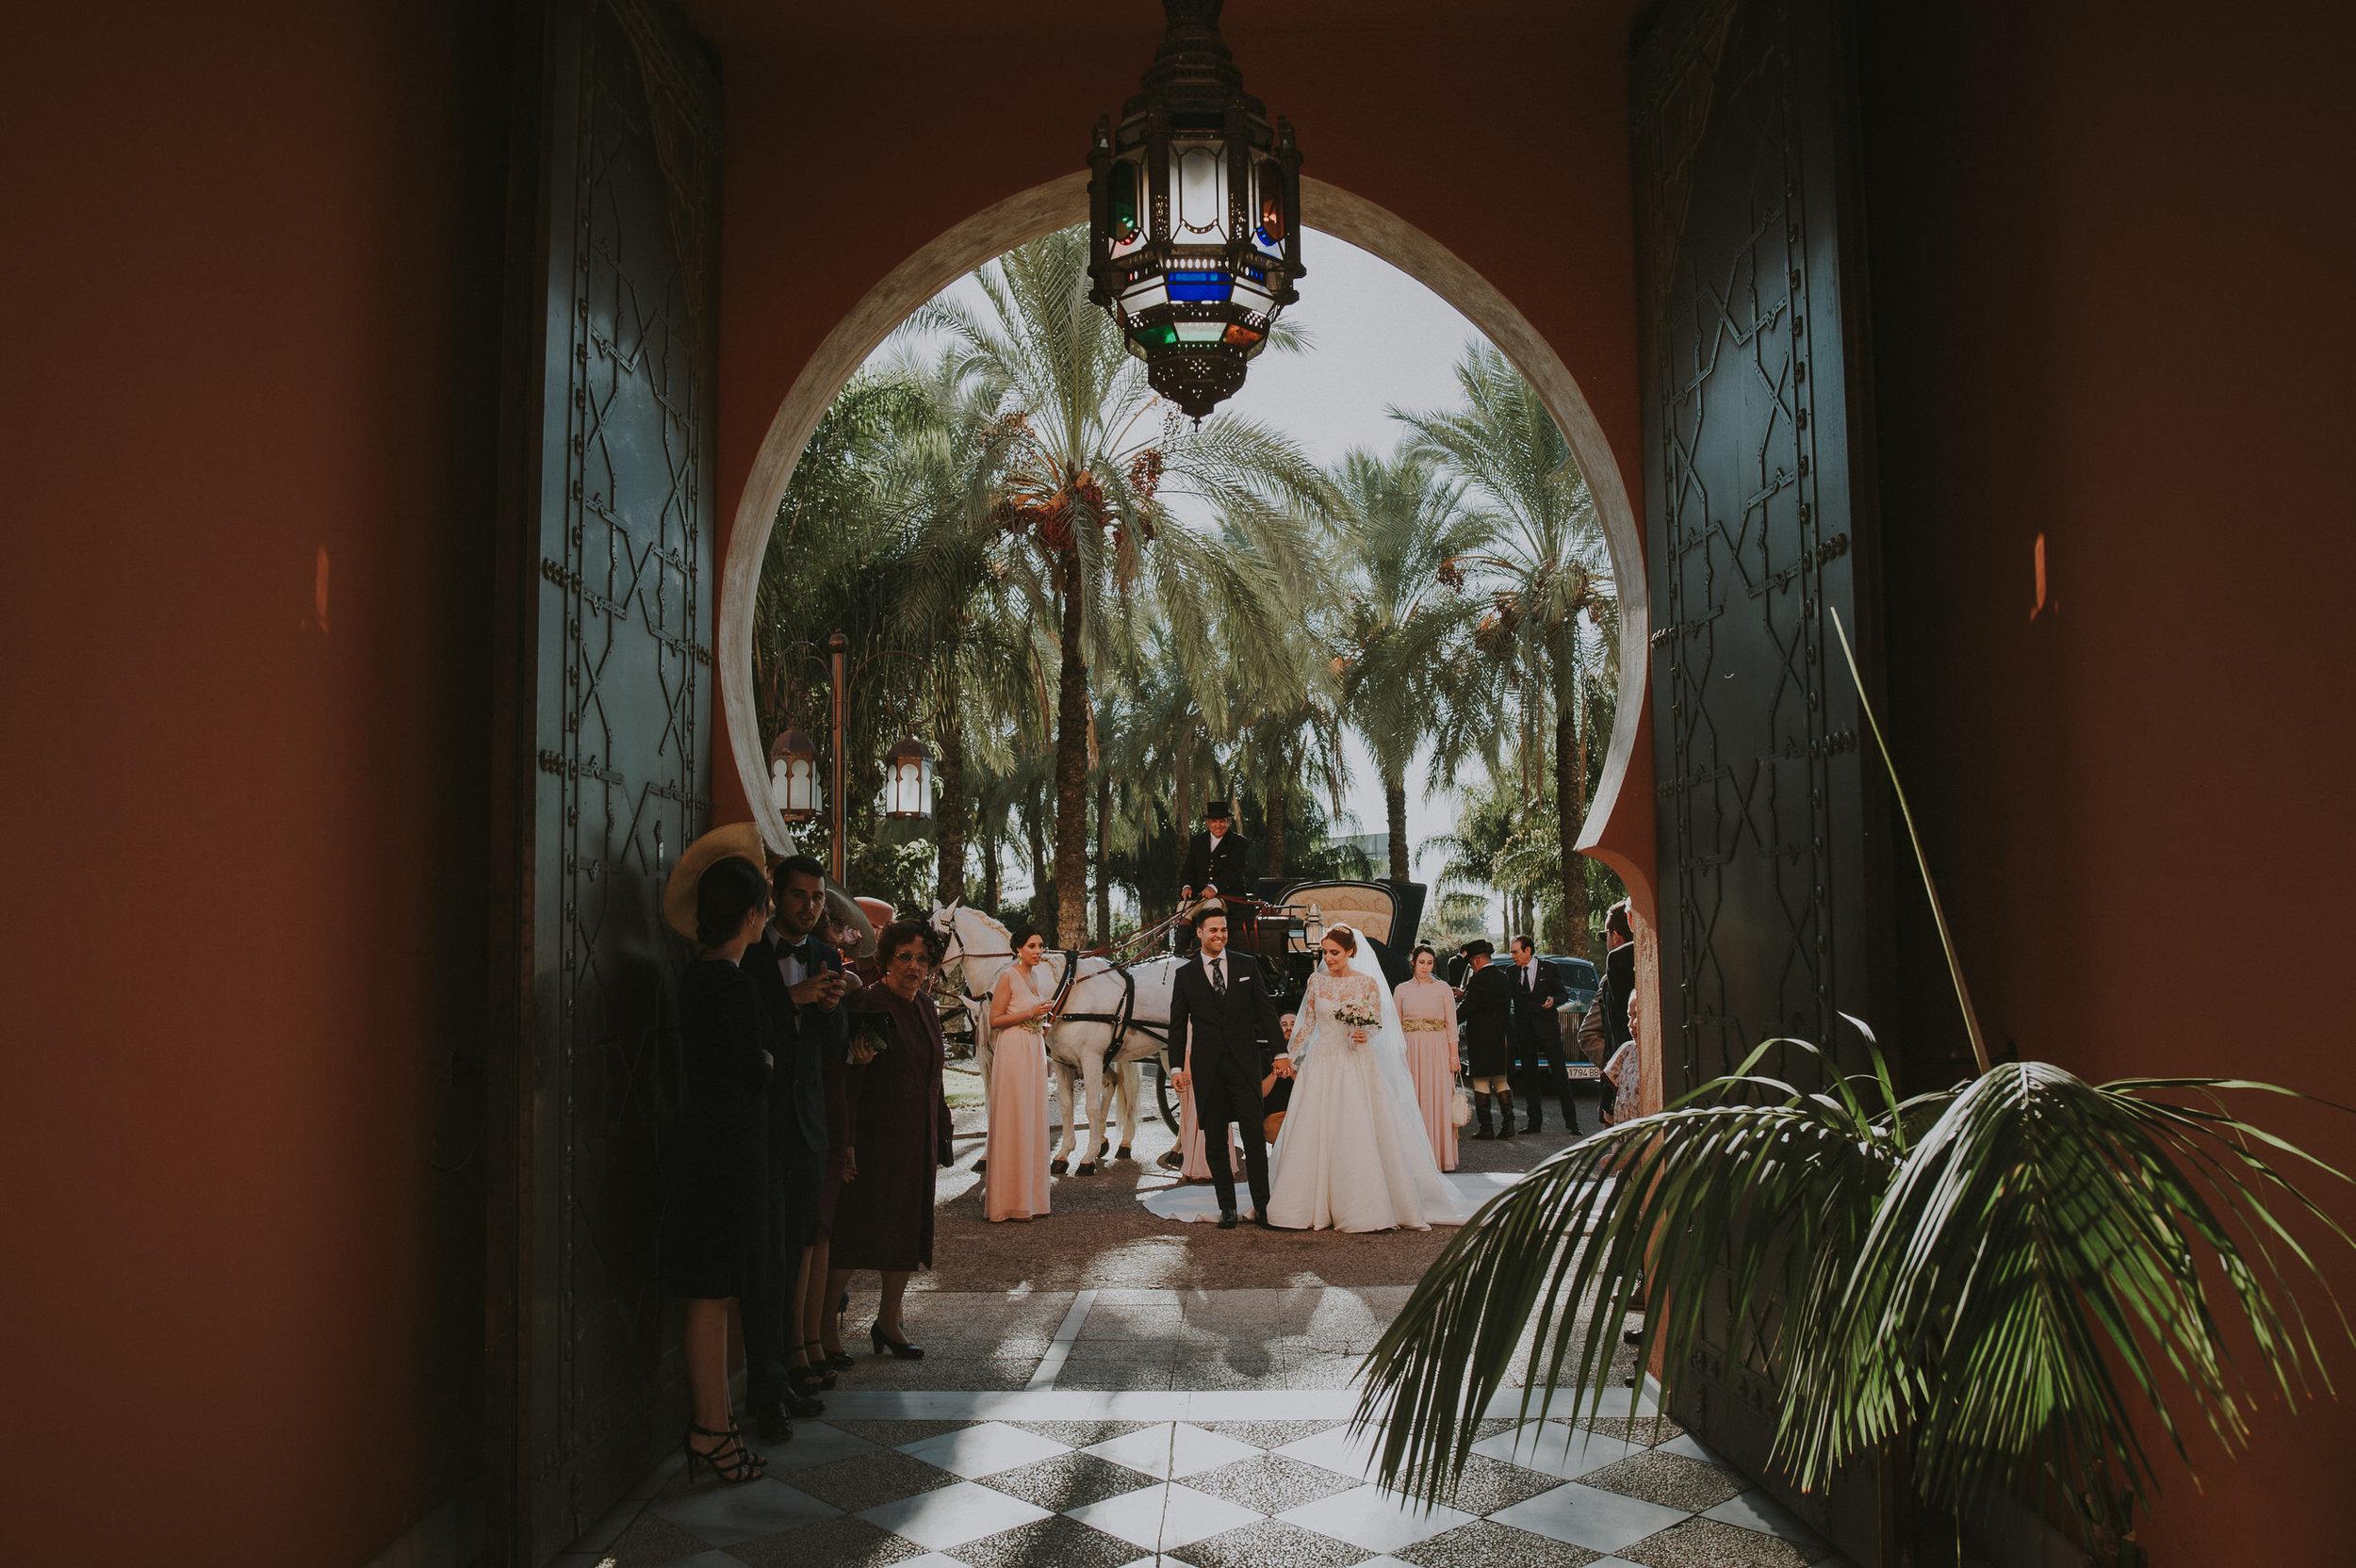 Andrés+Amarillo+fotografo+boda+Utrera+Dos+Hermanas+Santa+Maria+la+blanca+albaraca+Ivan+Campaña+los+tumbao (11).JPG